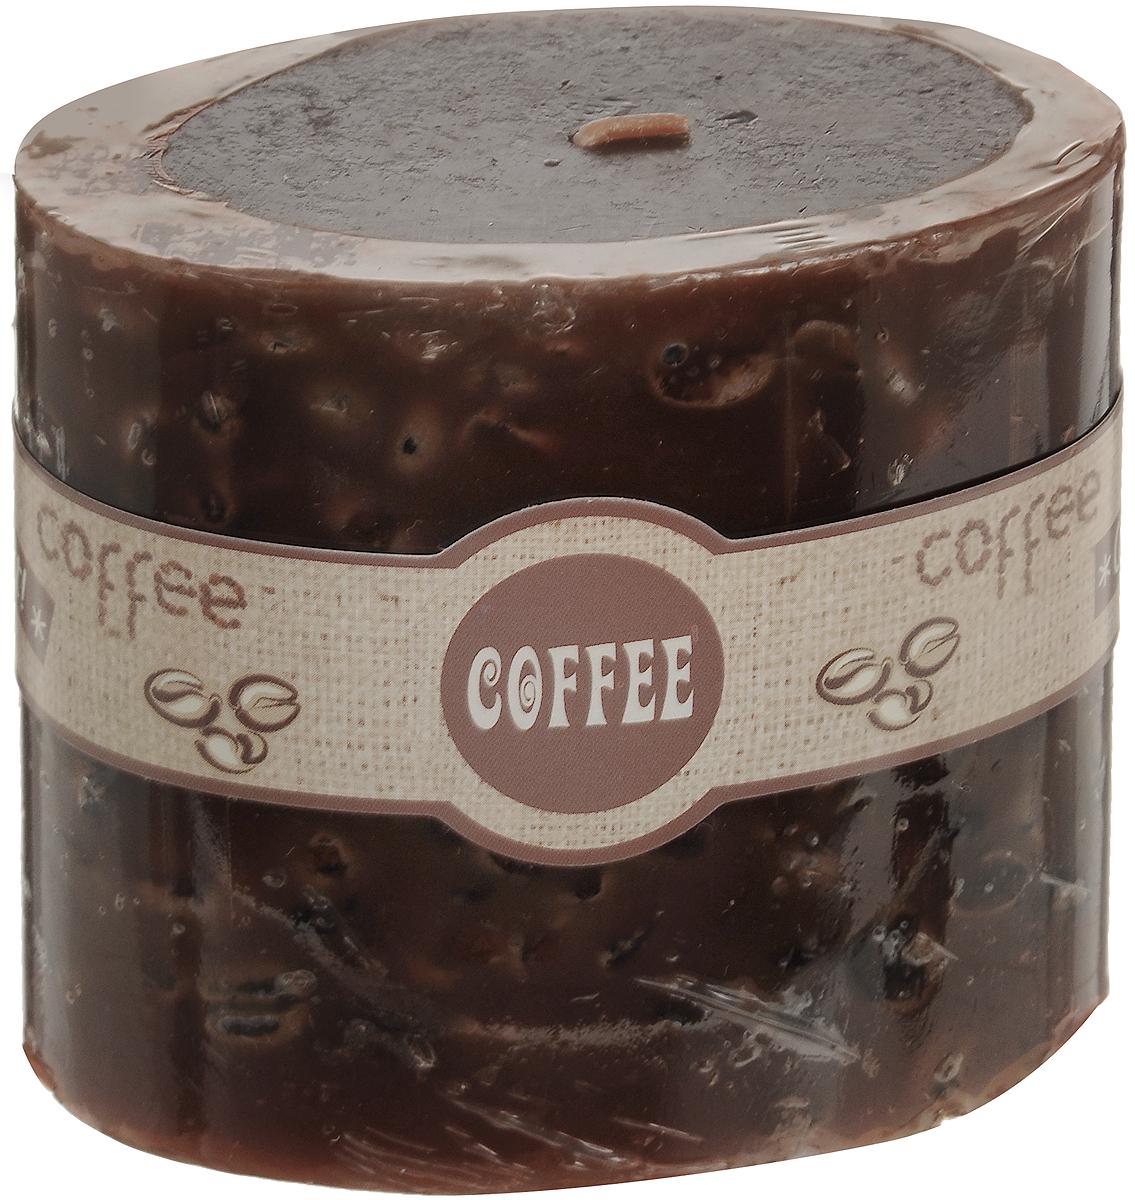 Свеча декоративная Lovemark Кофе, ароматизированная, цвет: коричневый, 9 х 5,5 х 8 см08GS1504-COДекоративная свеча Lovemark Кофе изготовлена из высококачественного парафина. Изделие отличается оригинальным дизайном и приятным ароматом кофе.Такая свеча может стать отличным подарком или дополнить интерьер вашей комнаты.